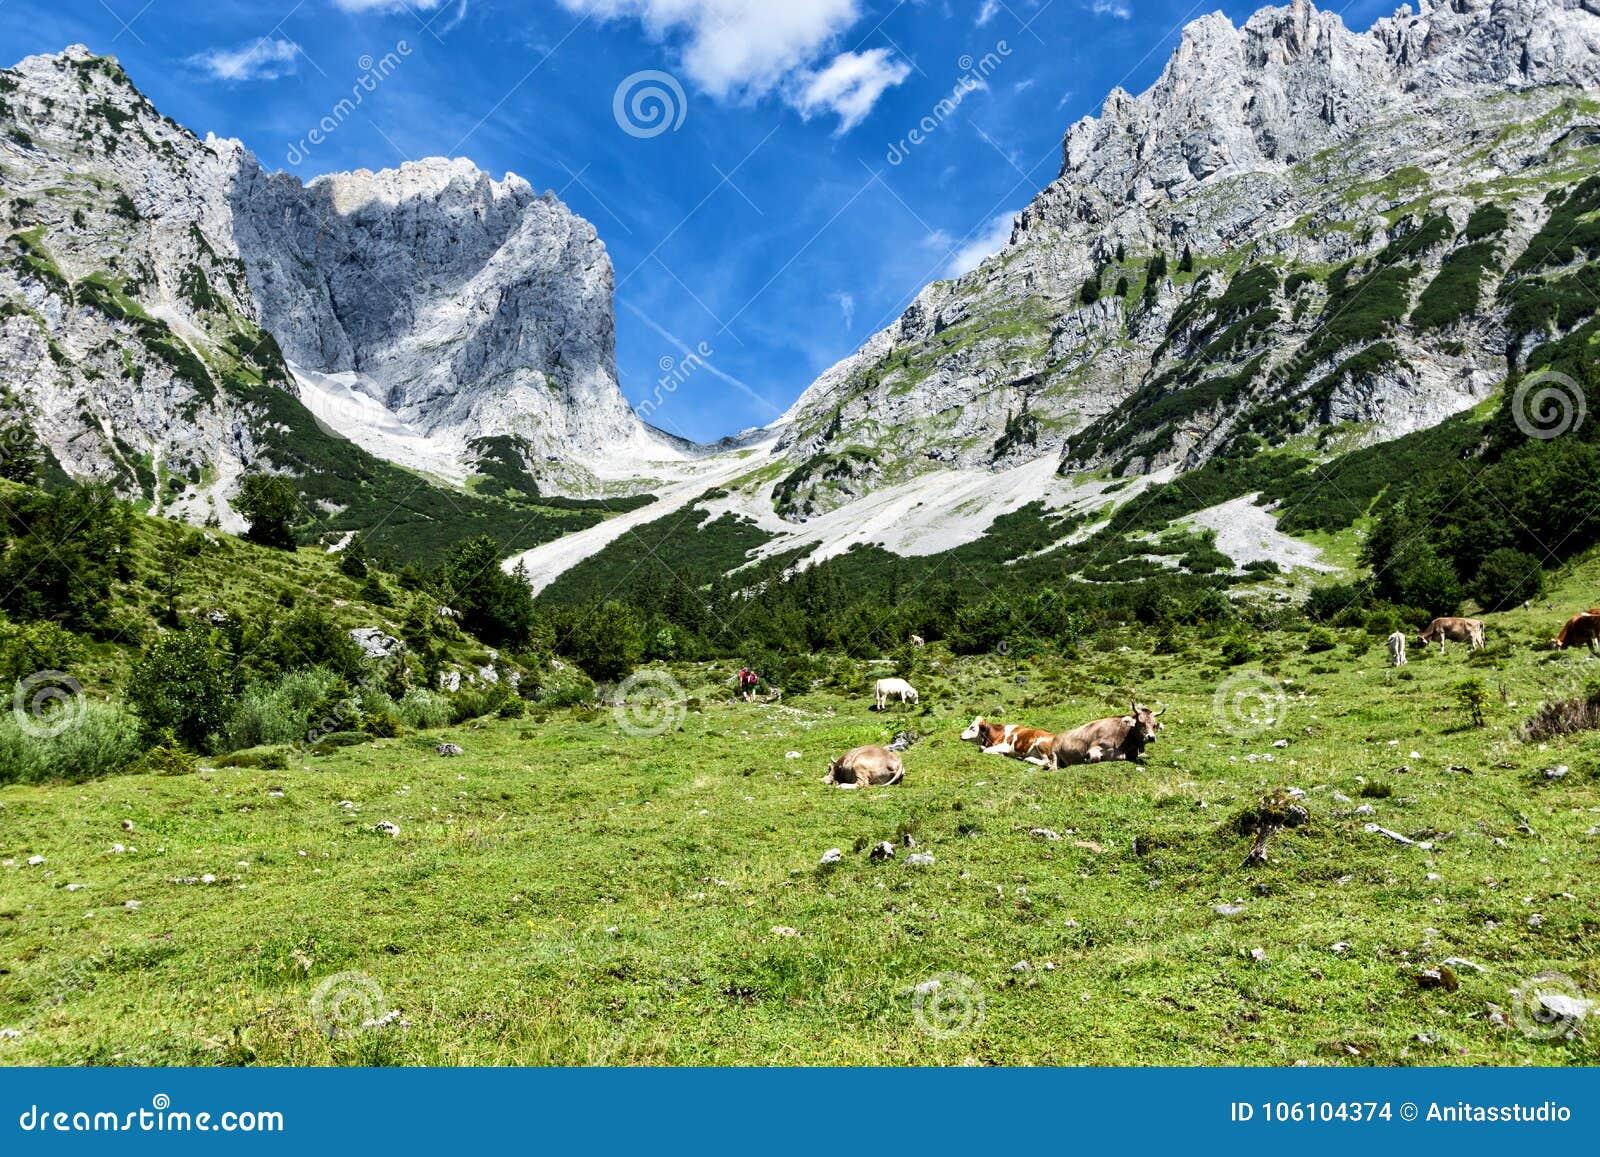 Vaches frôlant dans de hauts pâturages alpins dans les Alpes L Autriche, Tiro